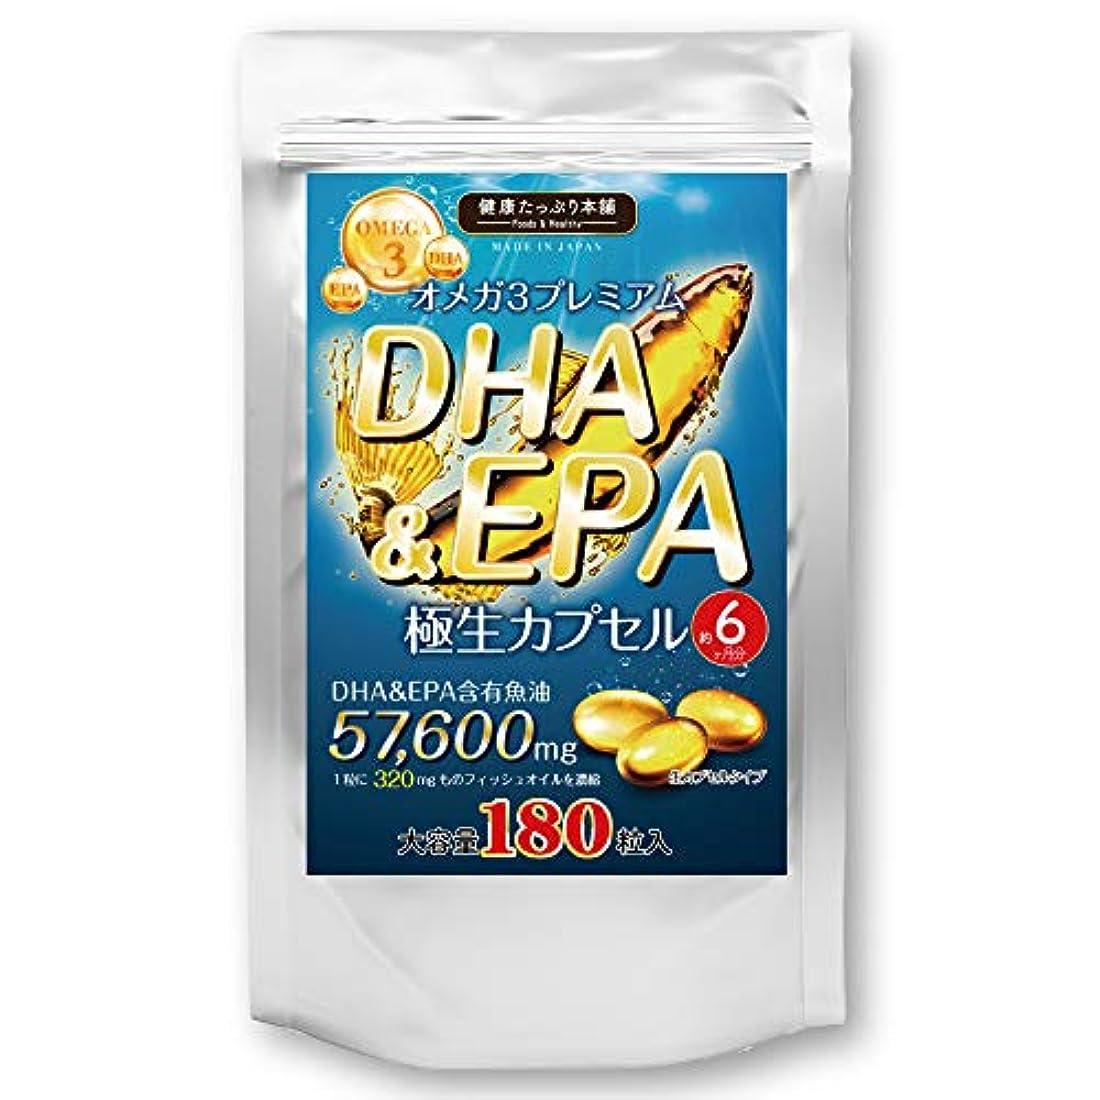 溶接ミシン目町オメガ3プレミアム DHA&EPA 極生ソフトカプセル 大容量約6ヶ月分/180粒(DHA含有魚油?EPA含有魚油)